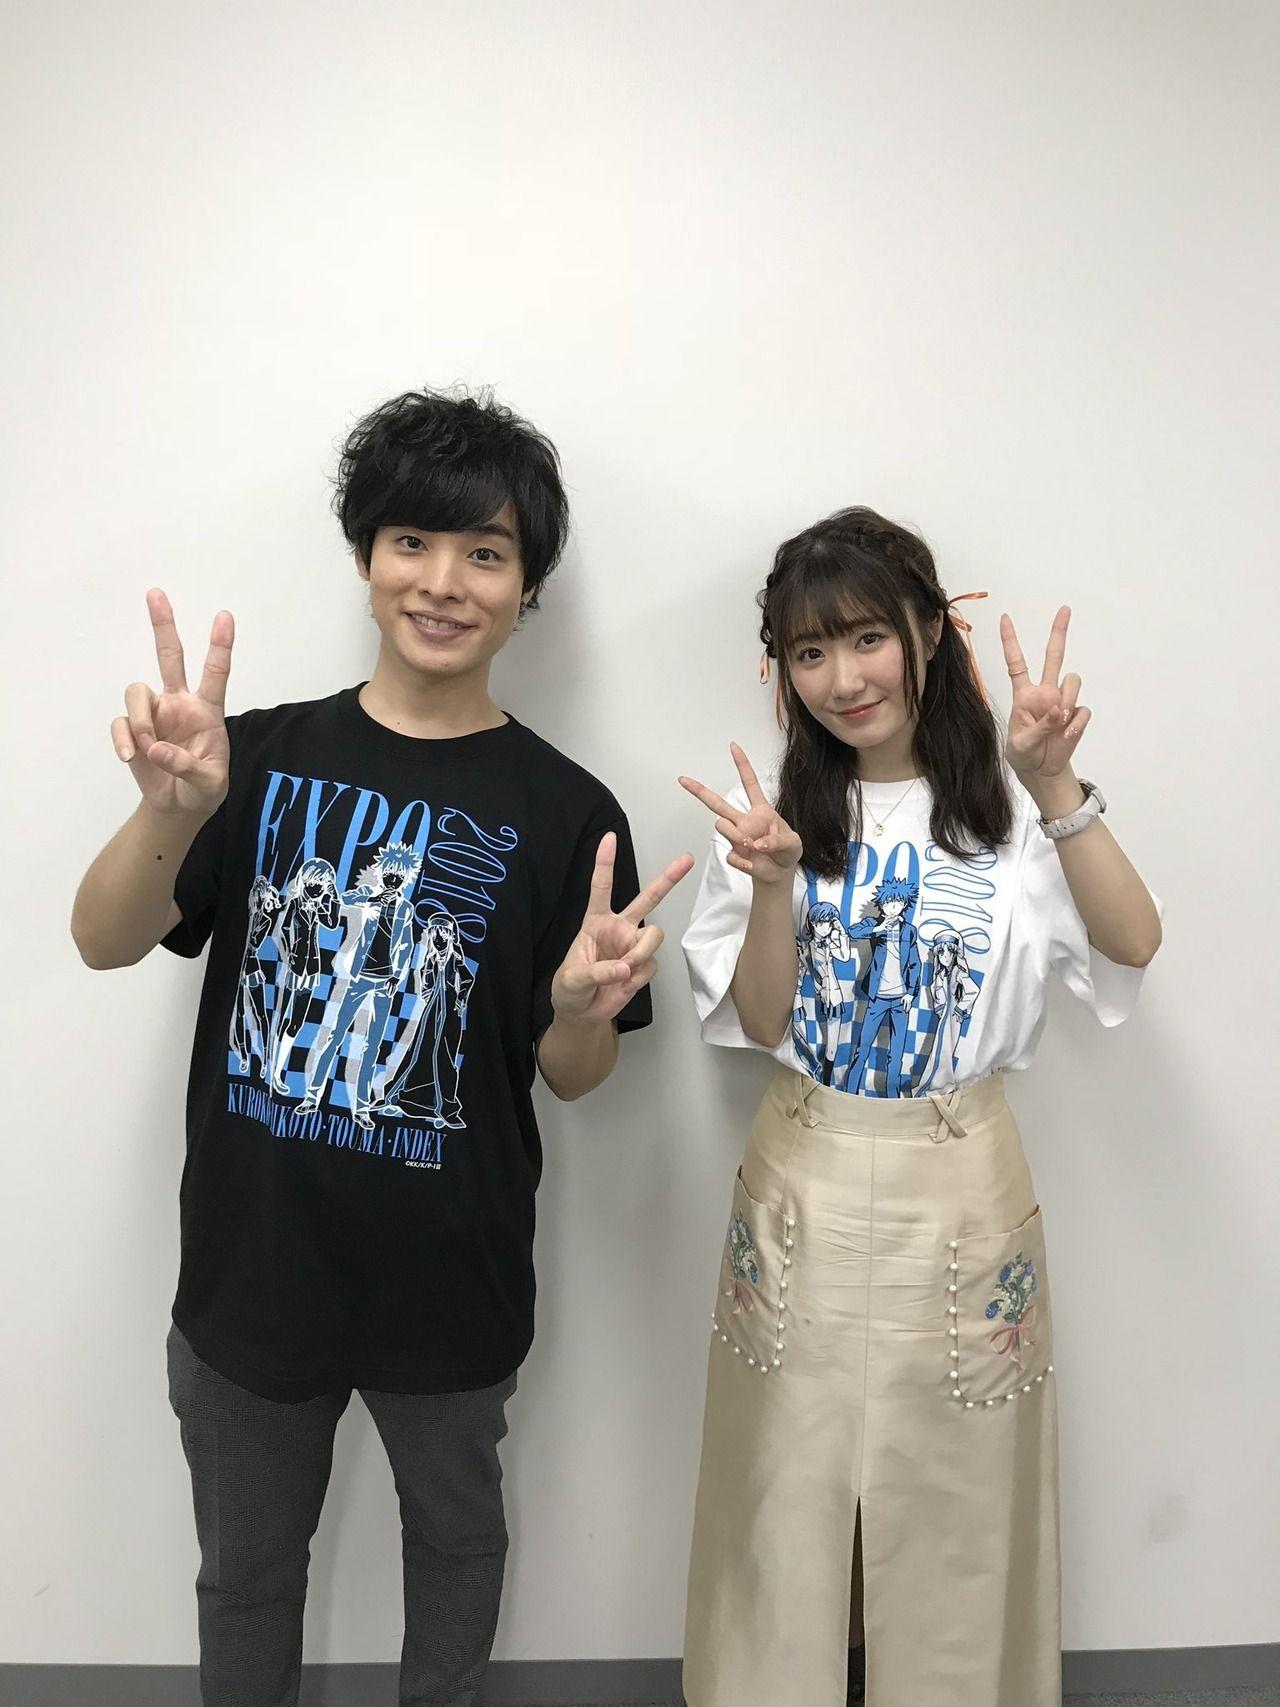 【画像10枚】声優 日高里菜ちゃんって可愛いね!